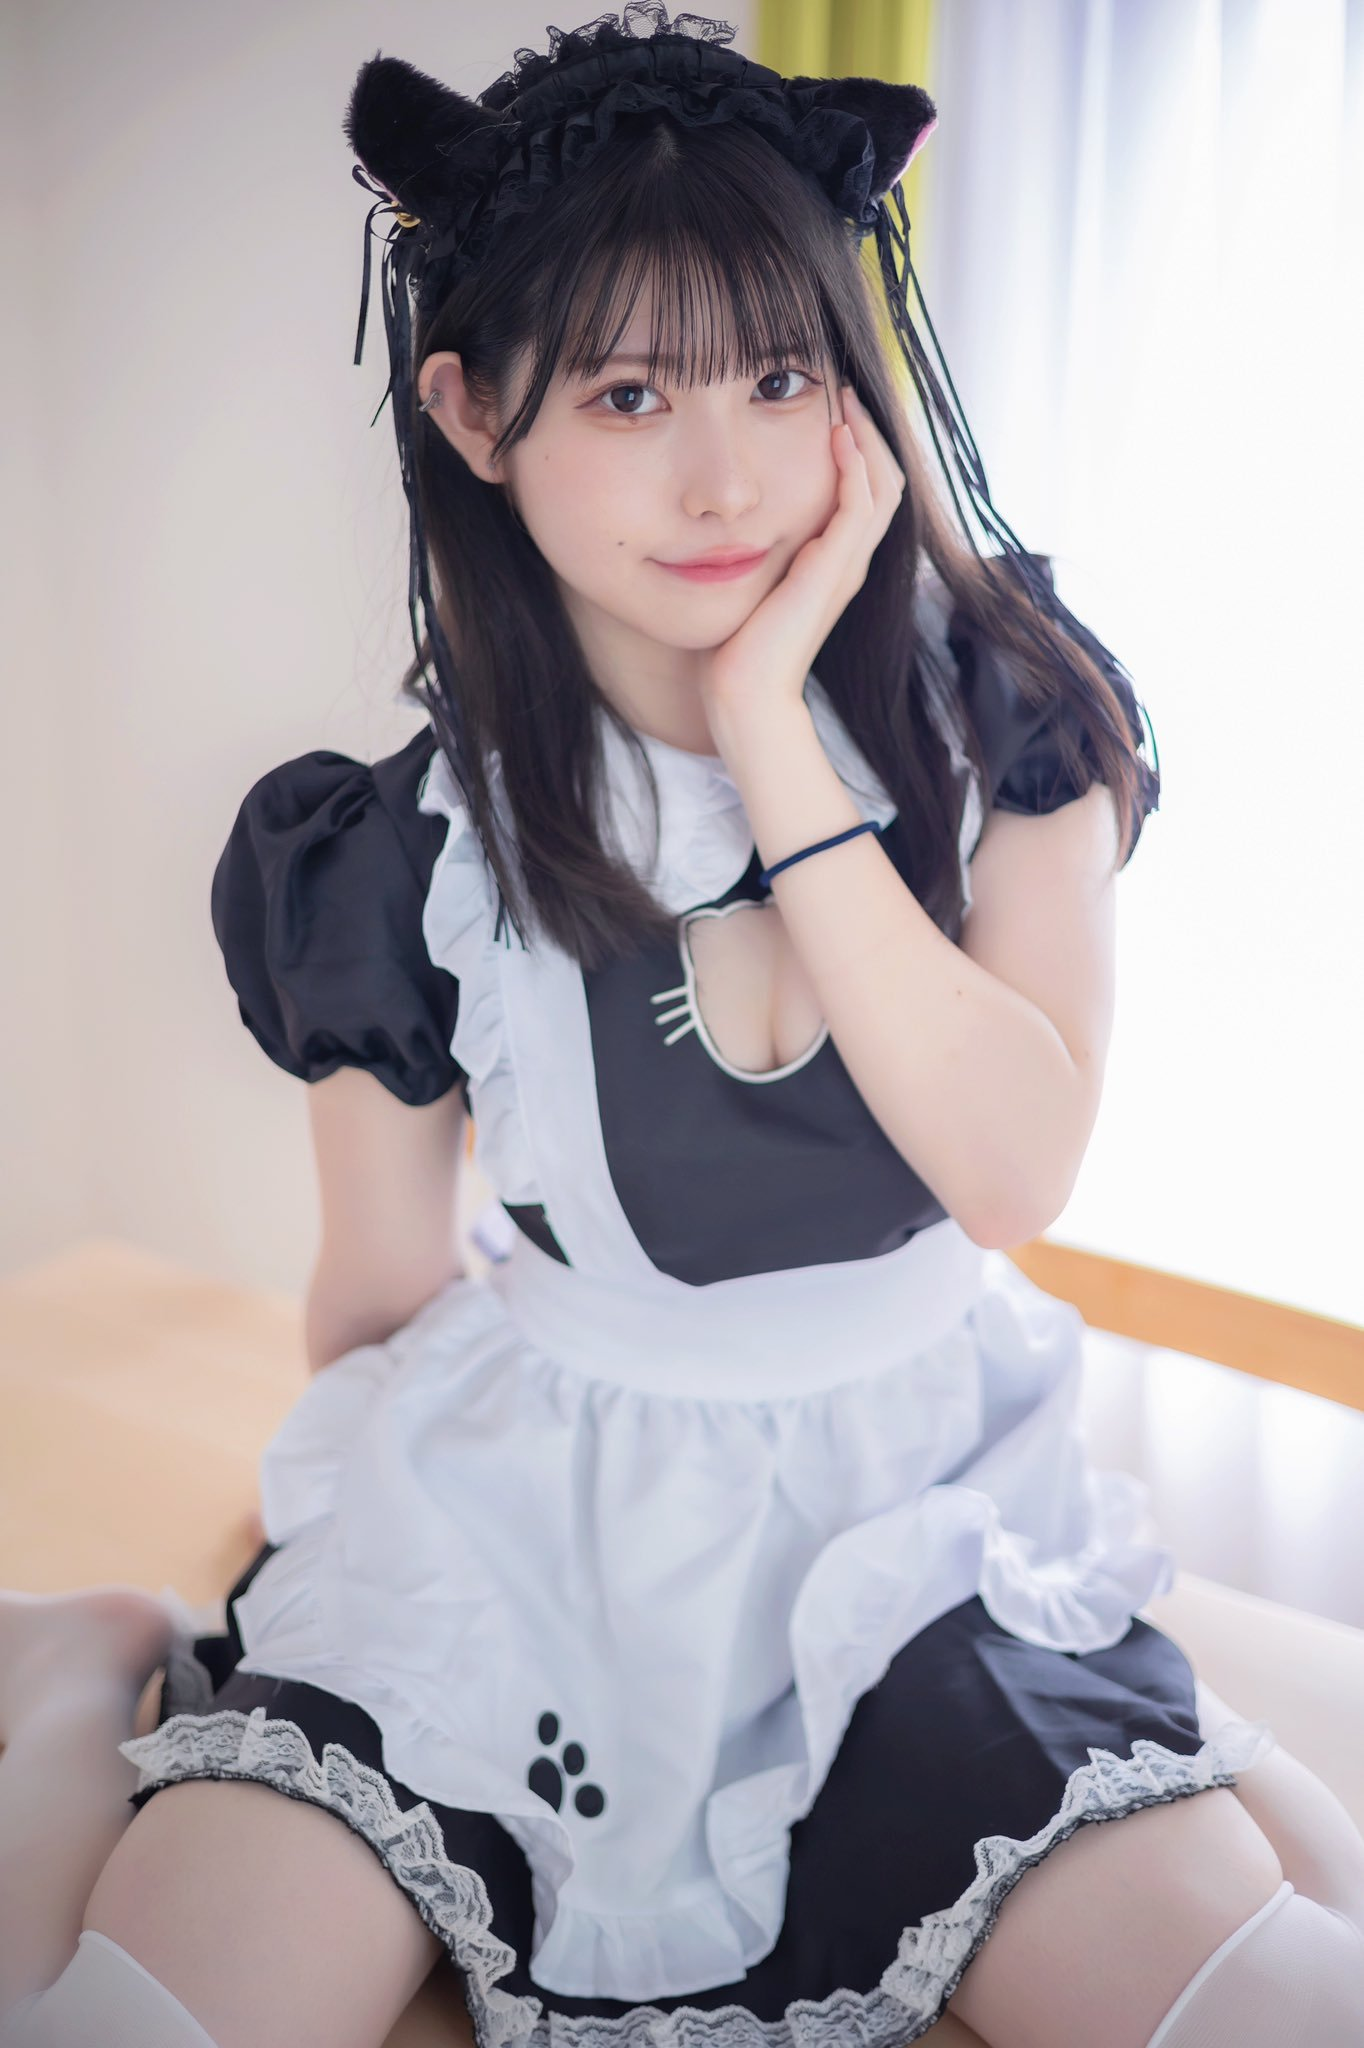 猫耳女仆甜到心坎 海边JK夏日感觉-COS精选二百六十弹 动漫漫画 第64张